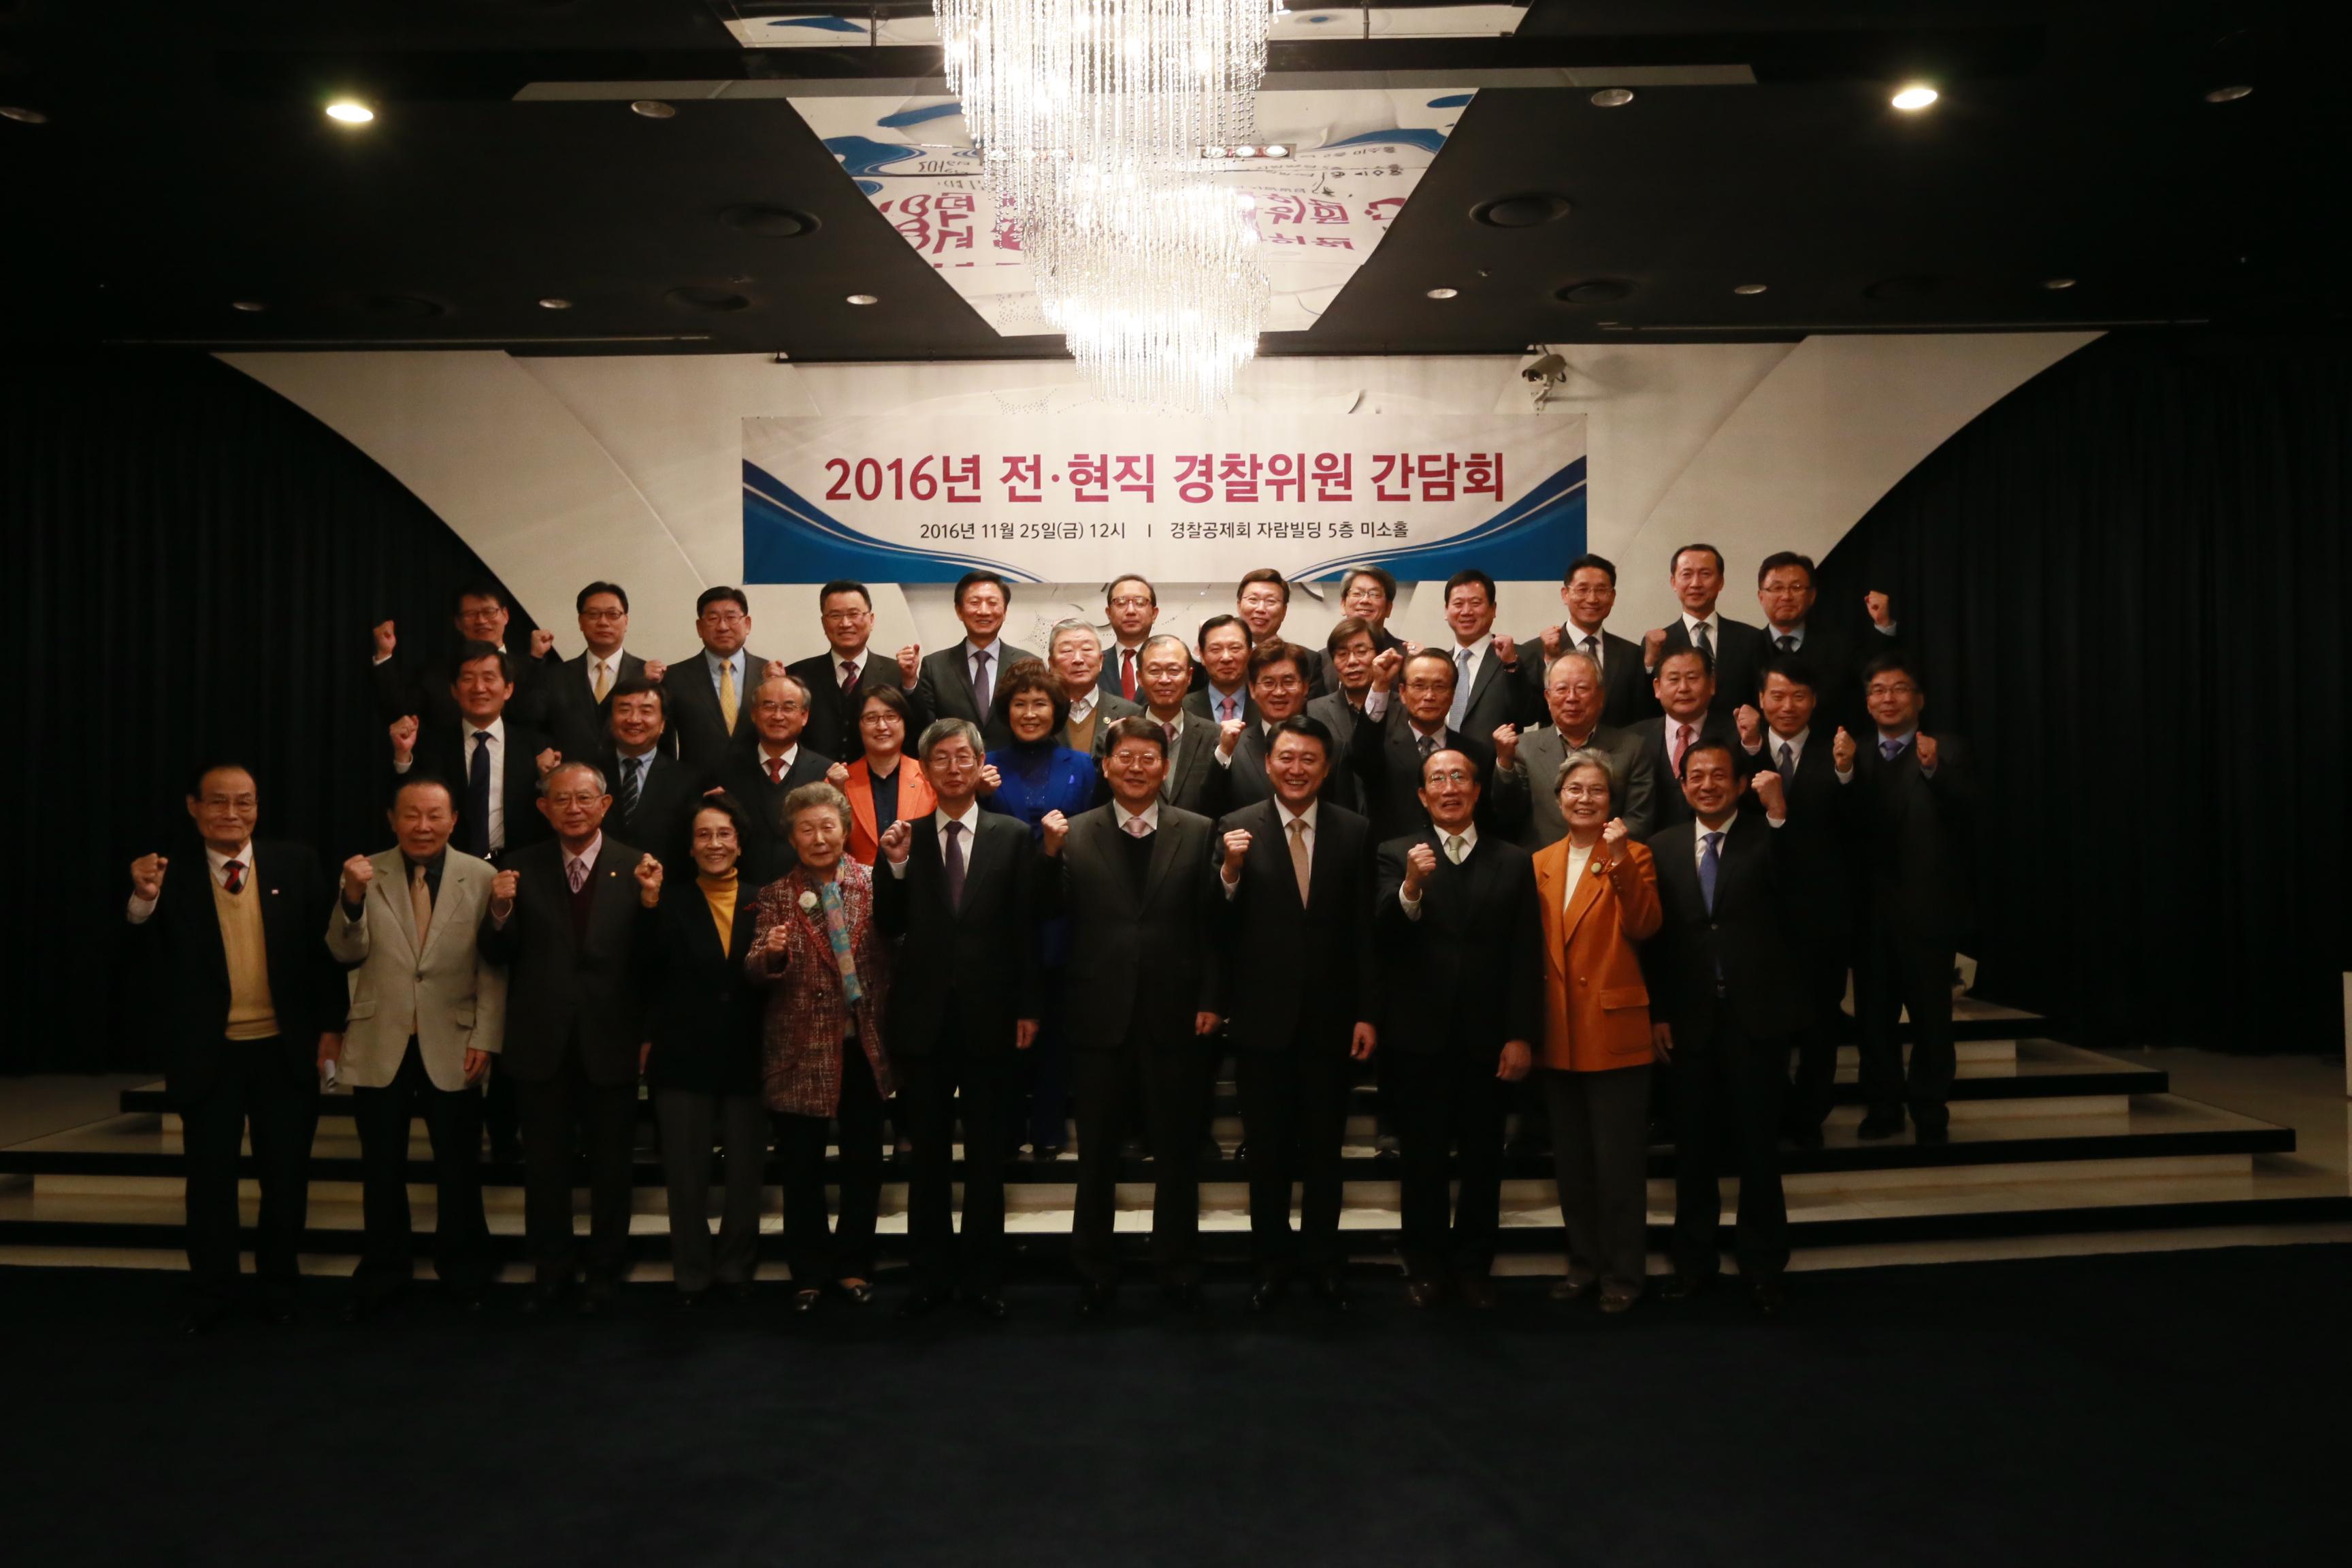 2016년 전현직 경찰위원회 간담회 개최